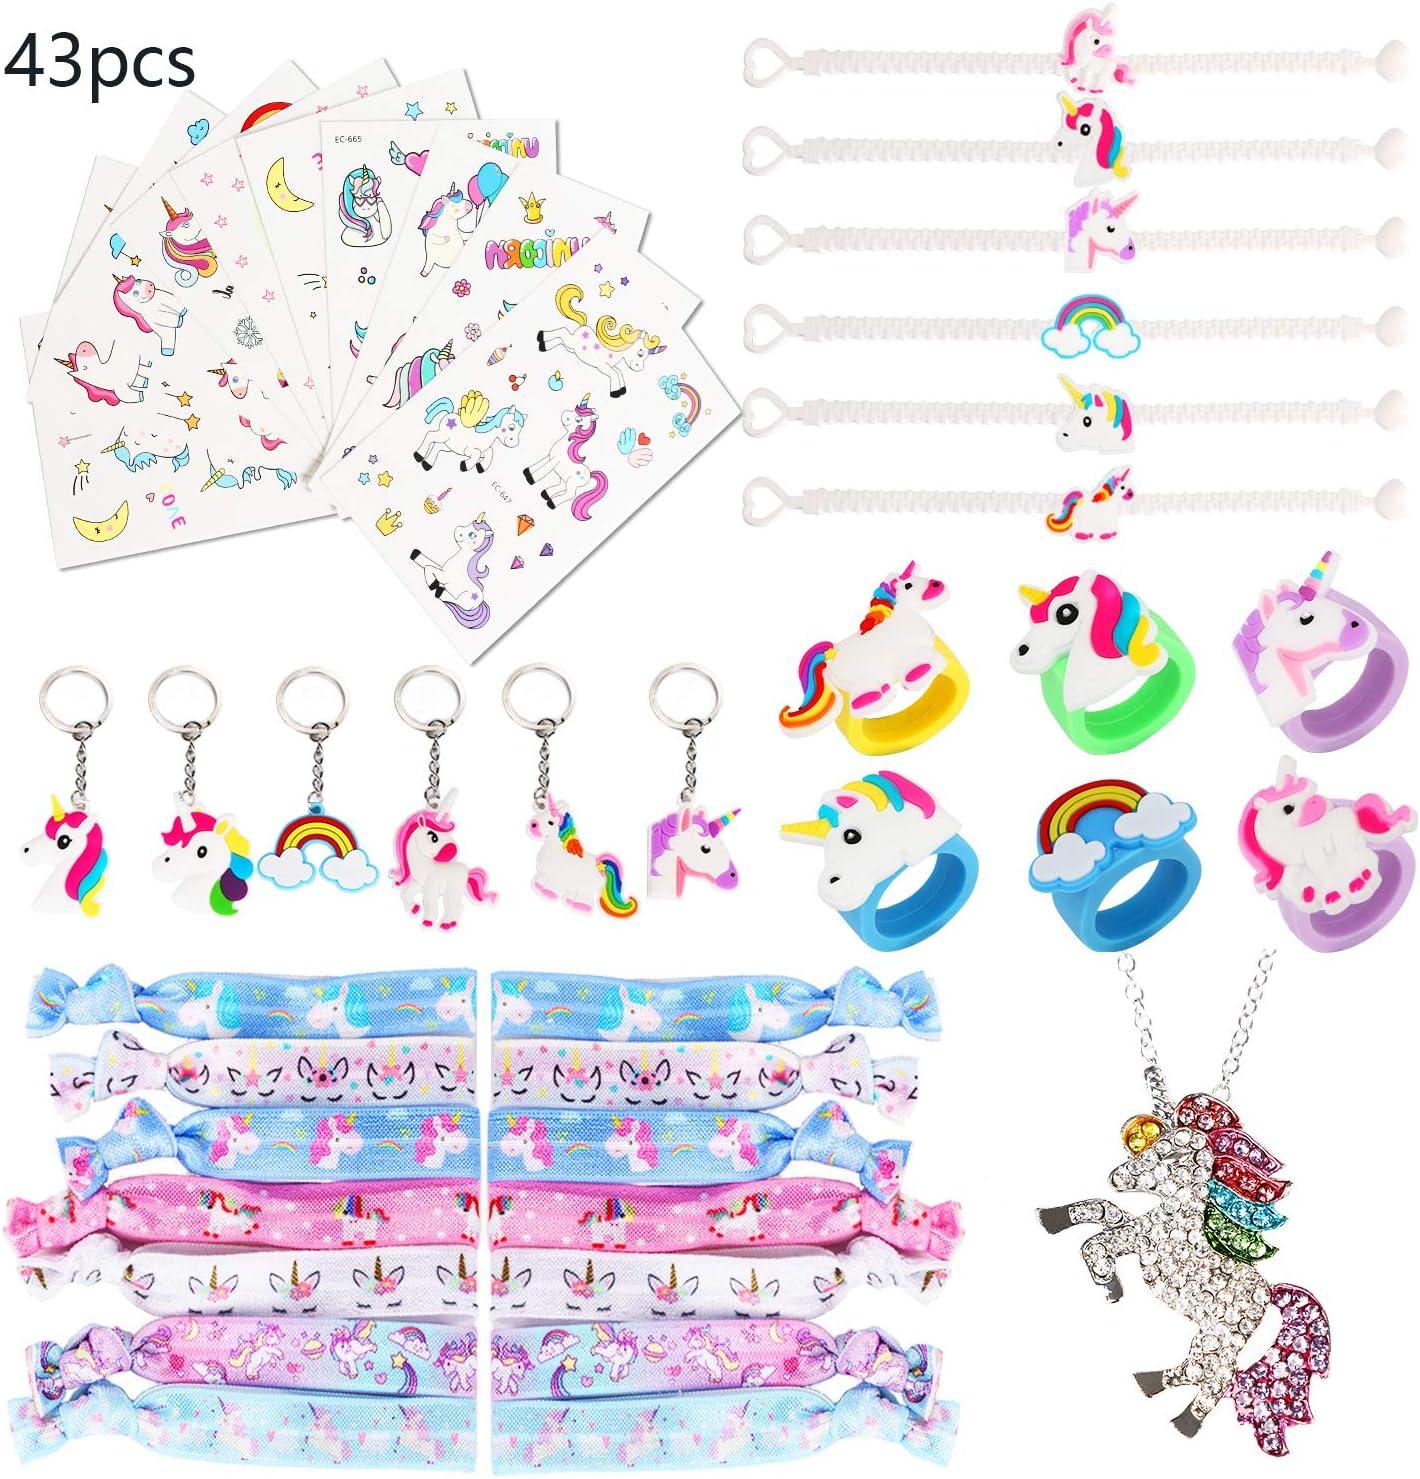 URAQT Kit de Unicornio para Niños, 43 Piezas Regalos Piñatas de Cumpleaños, Juguetes de Fiesta de Unicornio para Niñas